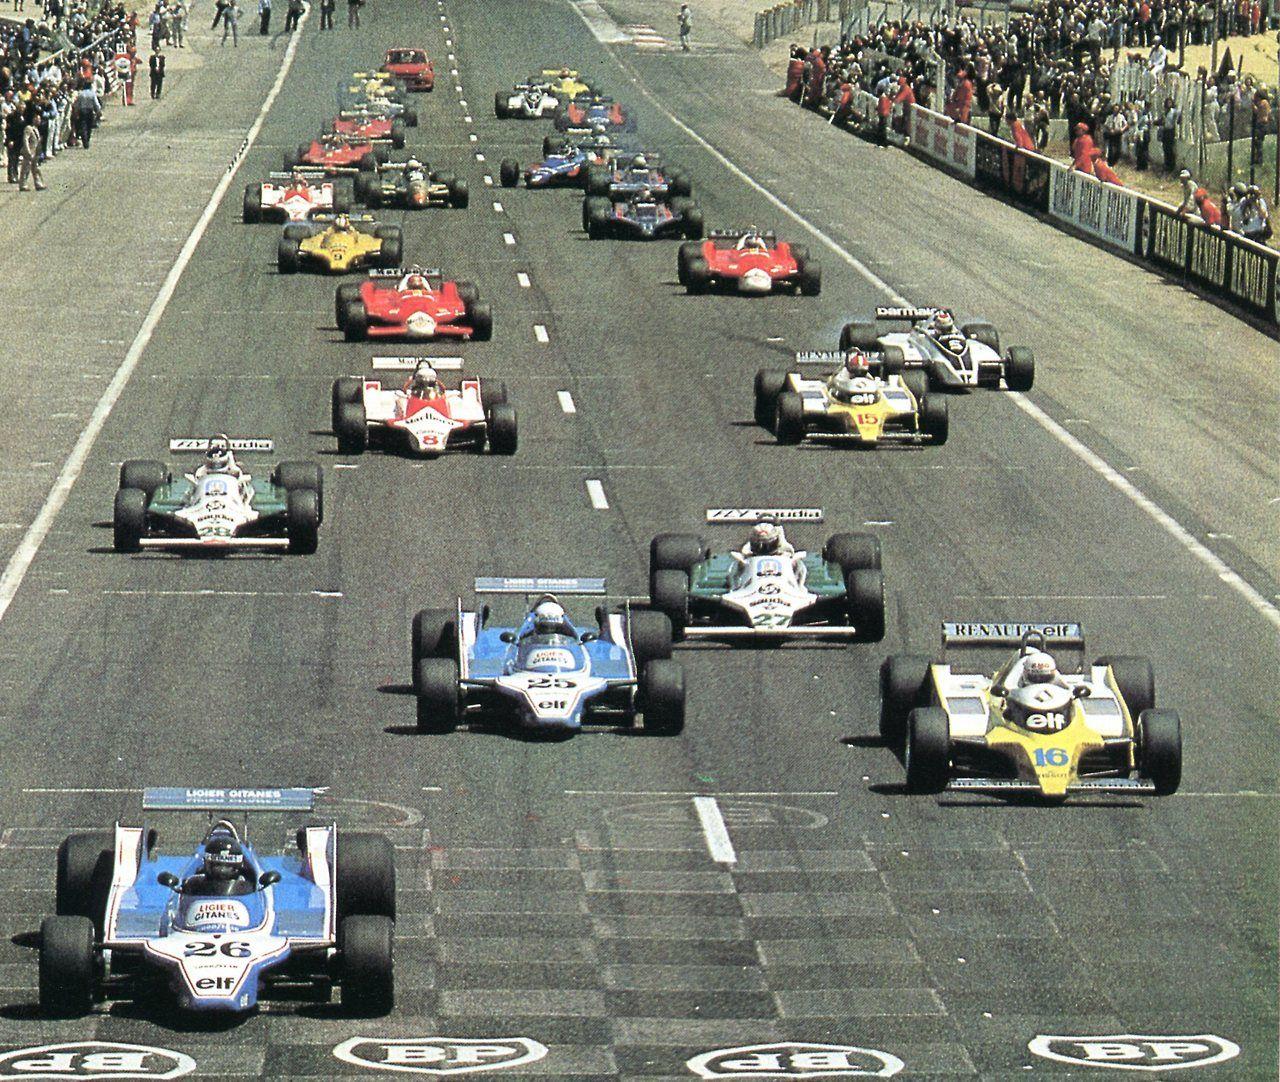 Départ du Grand Prix de France circuit Paul Ricard